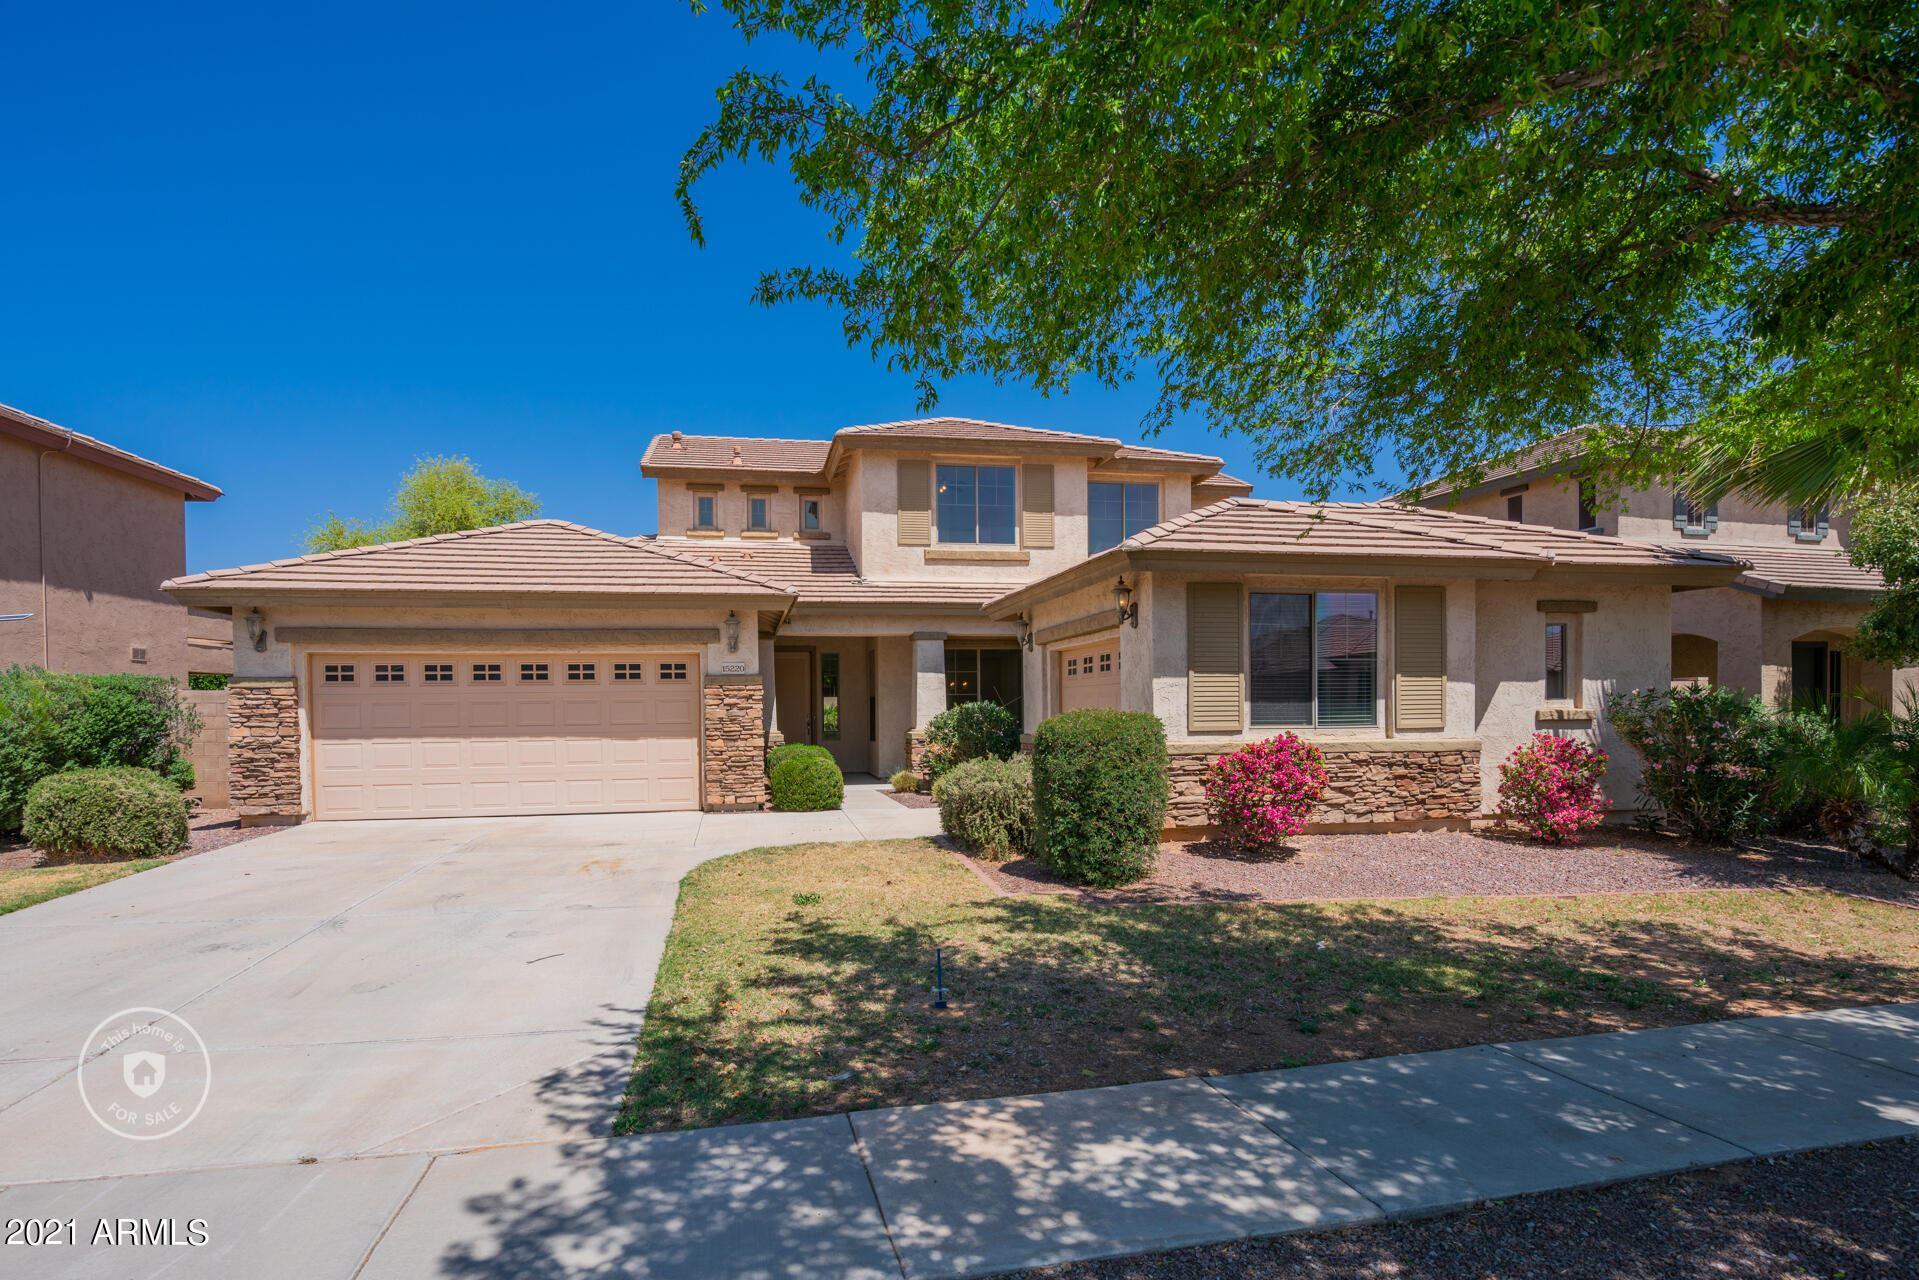 15220 W BOCA RATON Road, Surprise, AZ 85379 - MLS#: 6221871